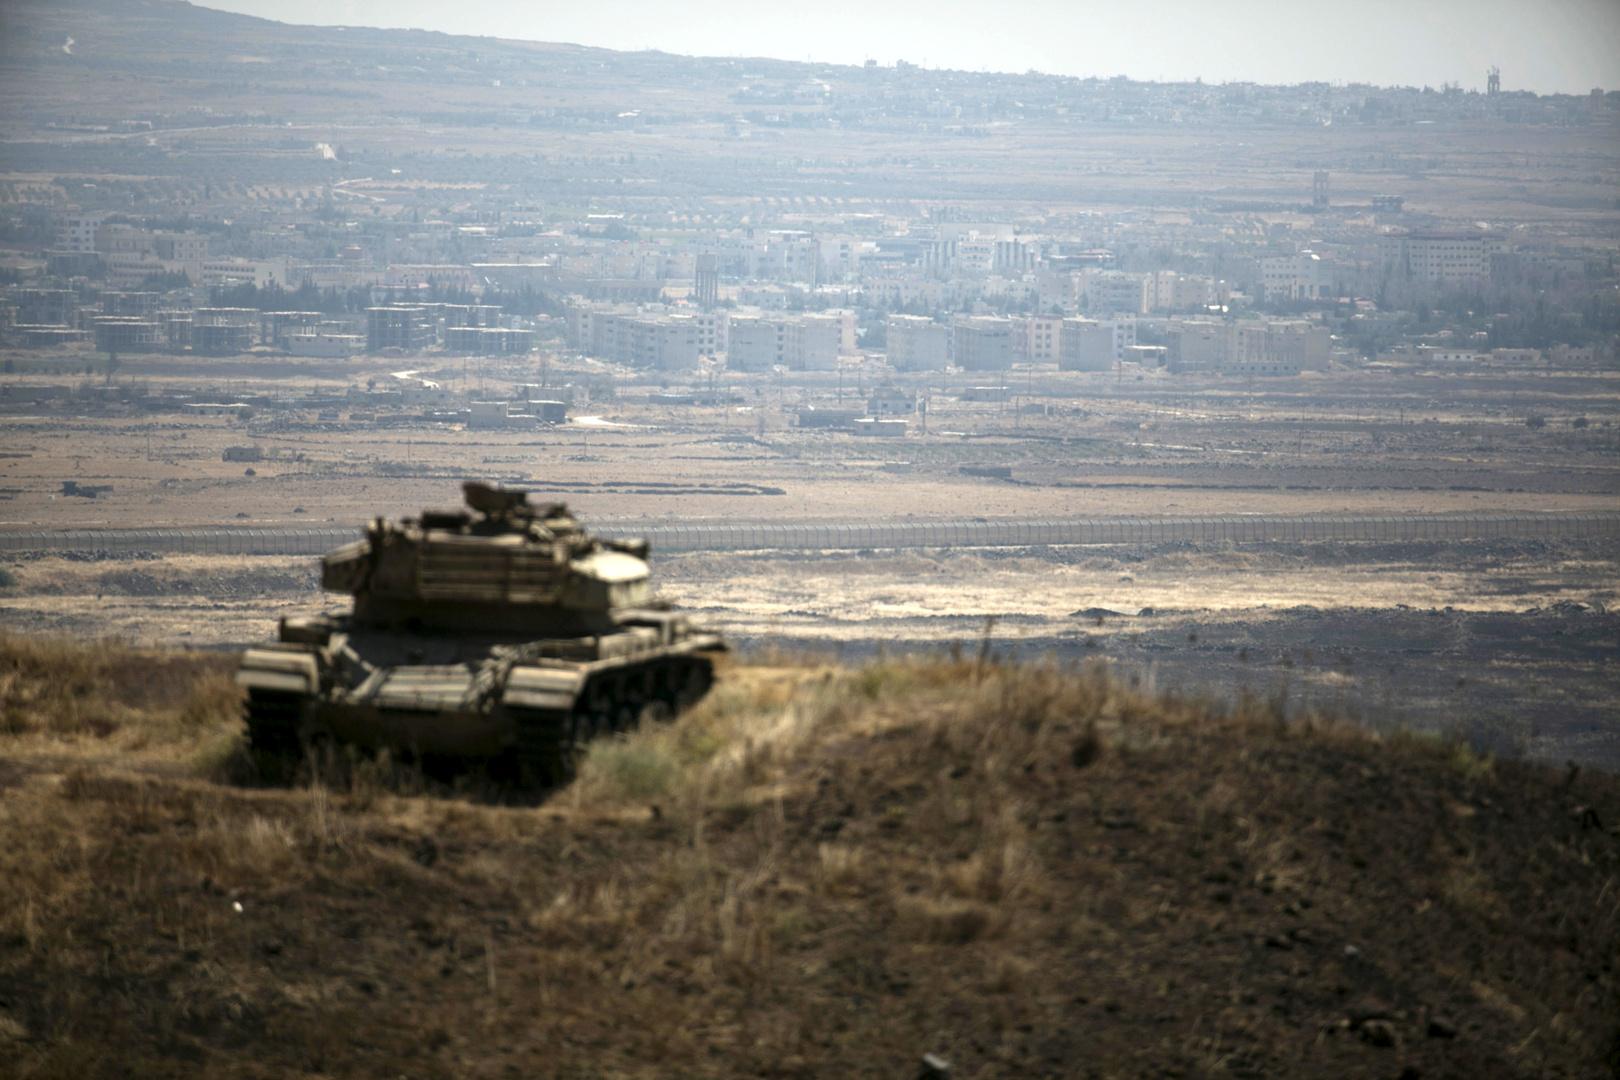 نشطاء: قتيل الغارة الإسرائيلية على القنيطرة قيادي في